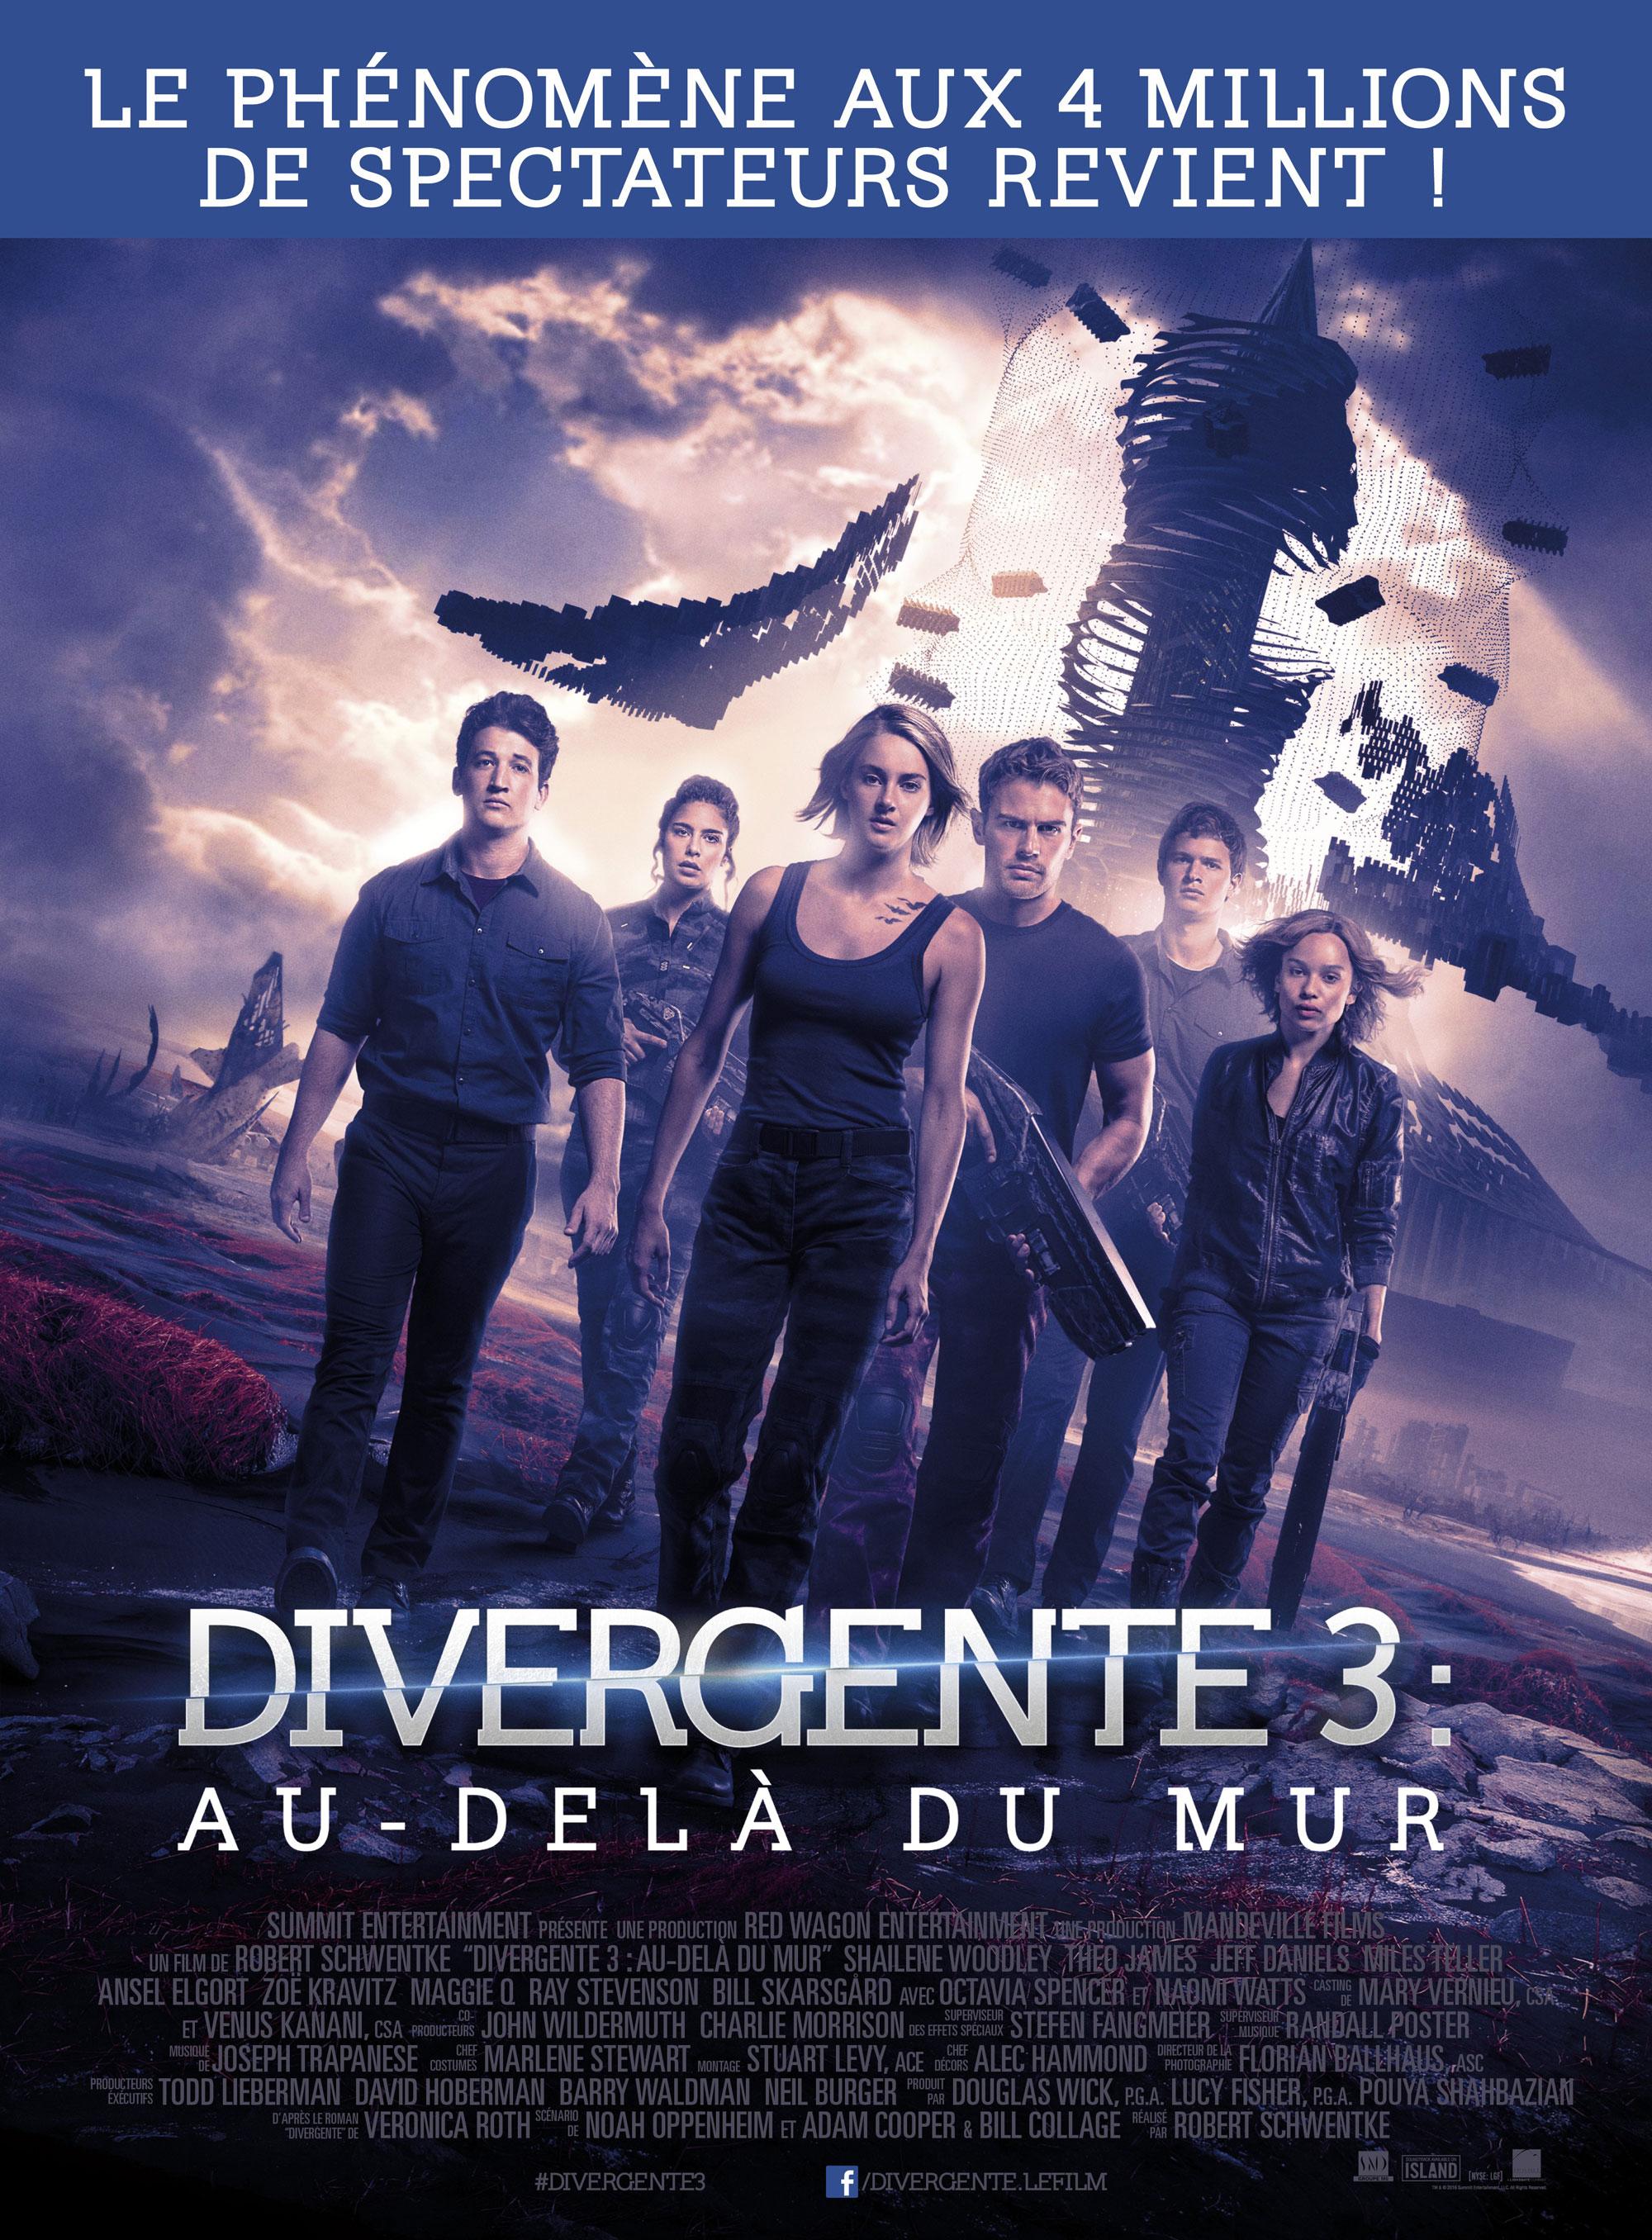 Divergente 3 - Affiche